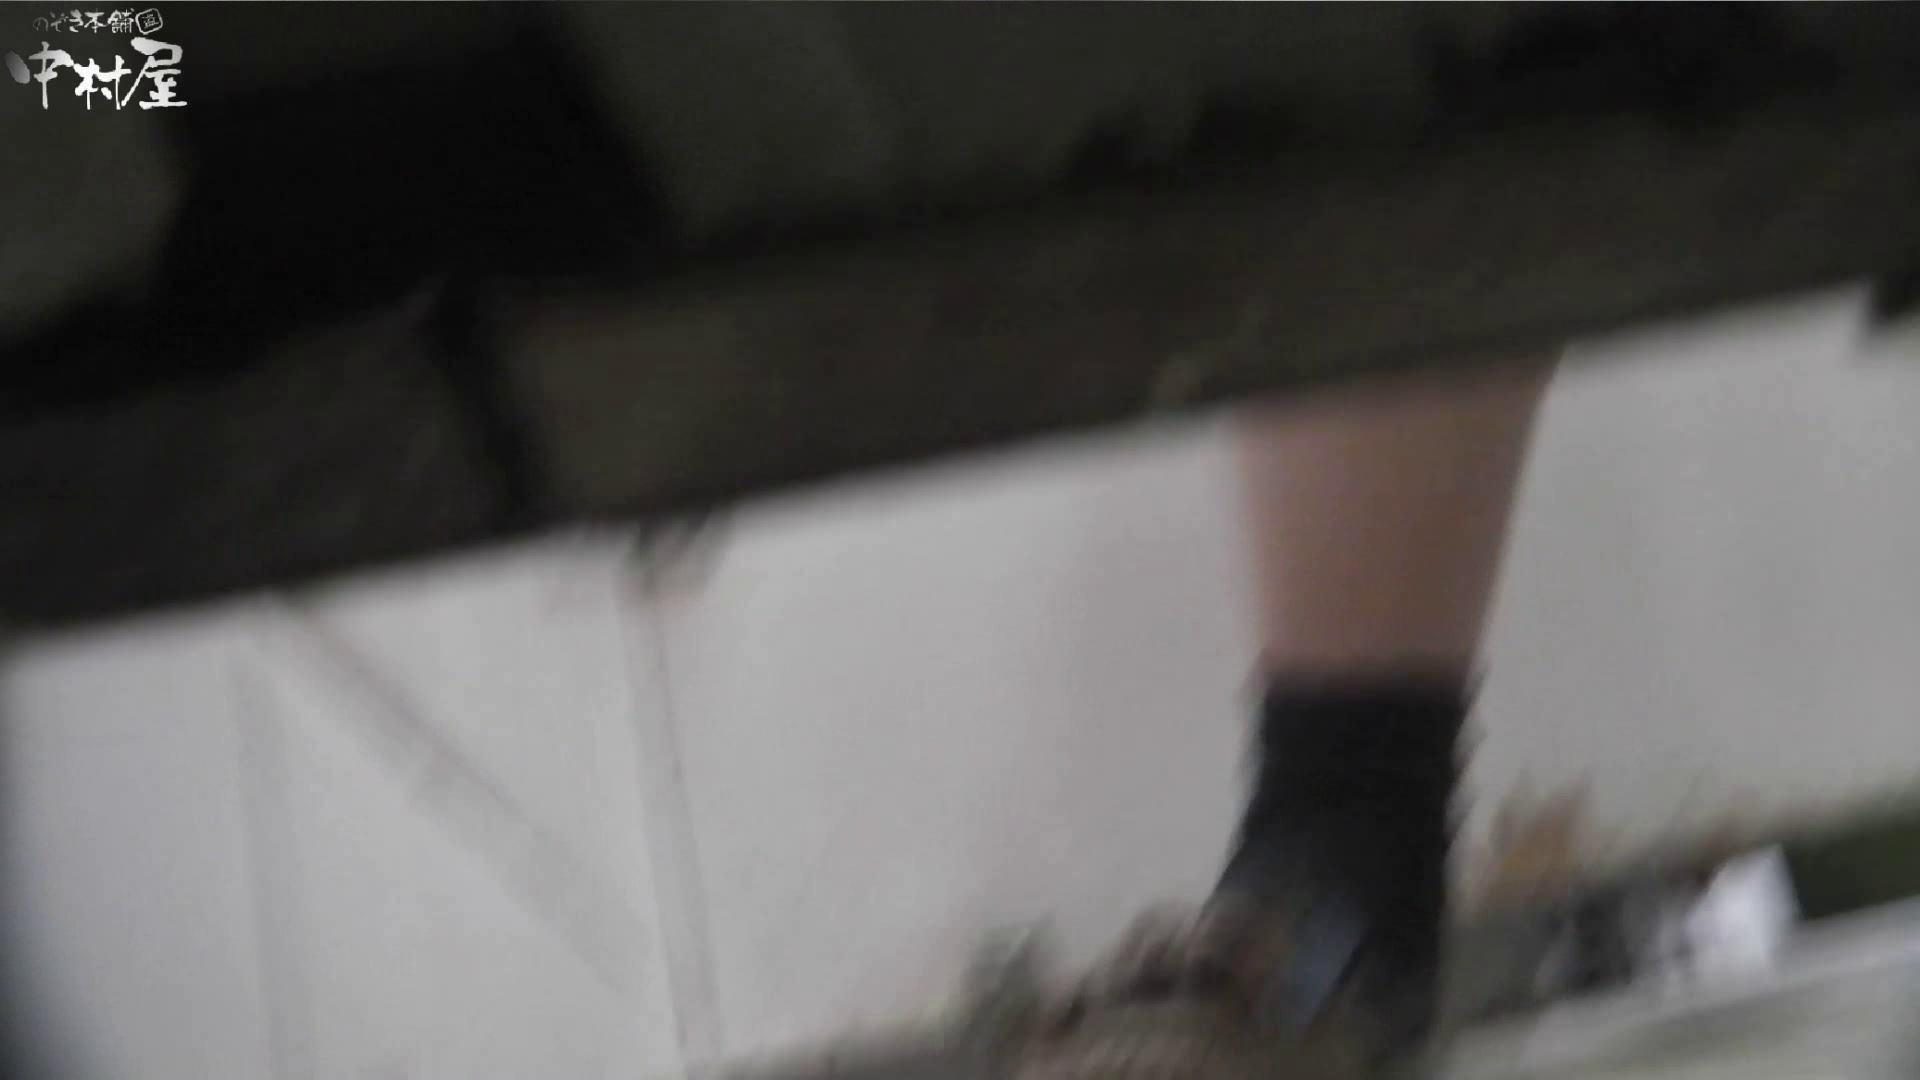 vol.06 命がけ潜伏洗面所! 茶髪タン、ハァハァ 後編 プライベート エロ無料画像 82pic 11